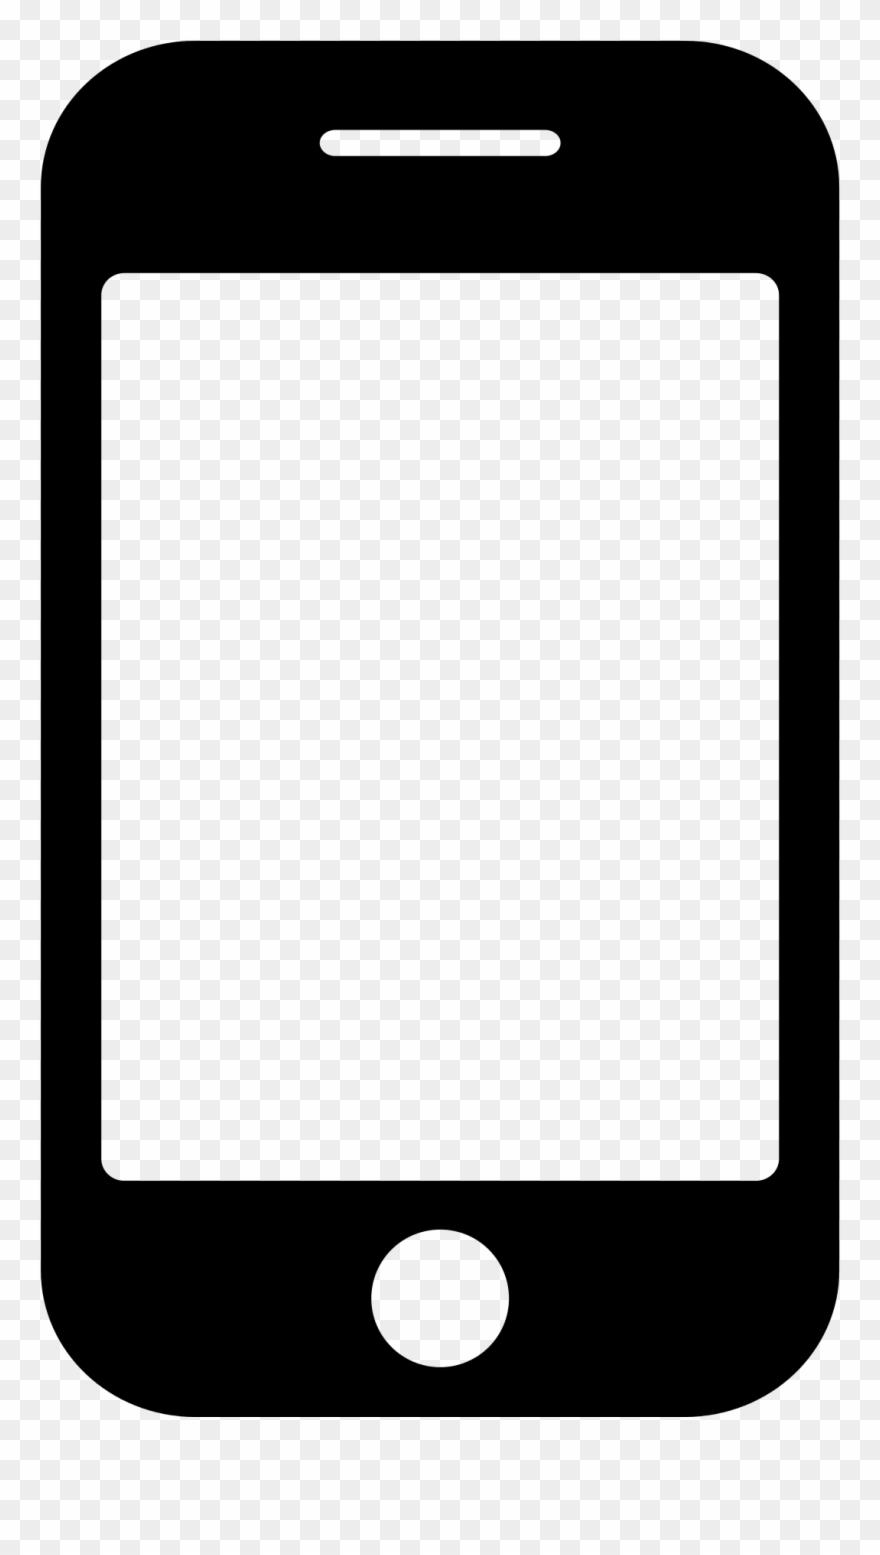 Smartphone Png 7, Buy Clip Art.